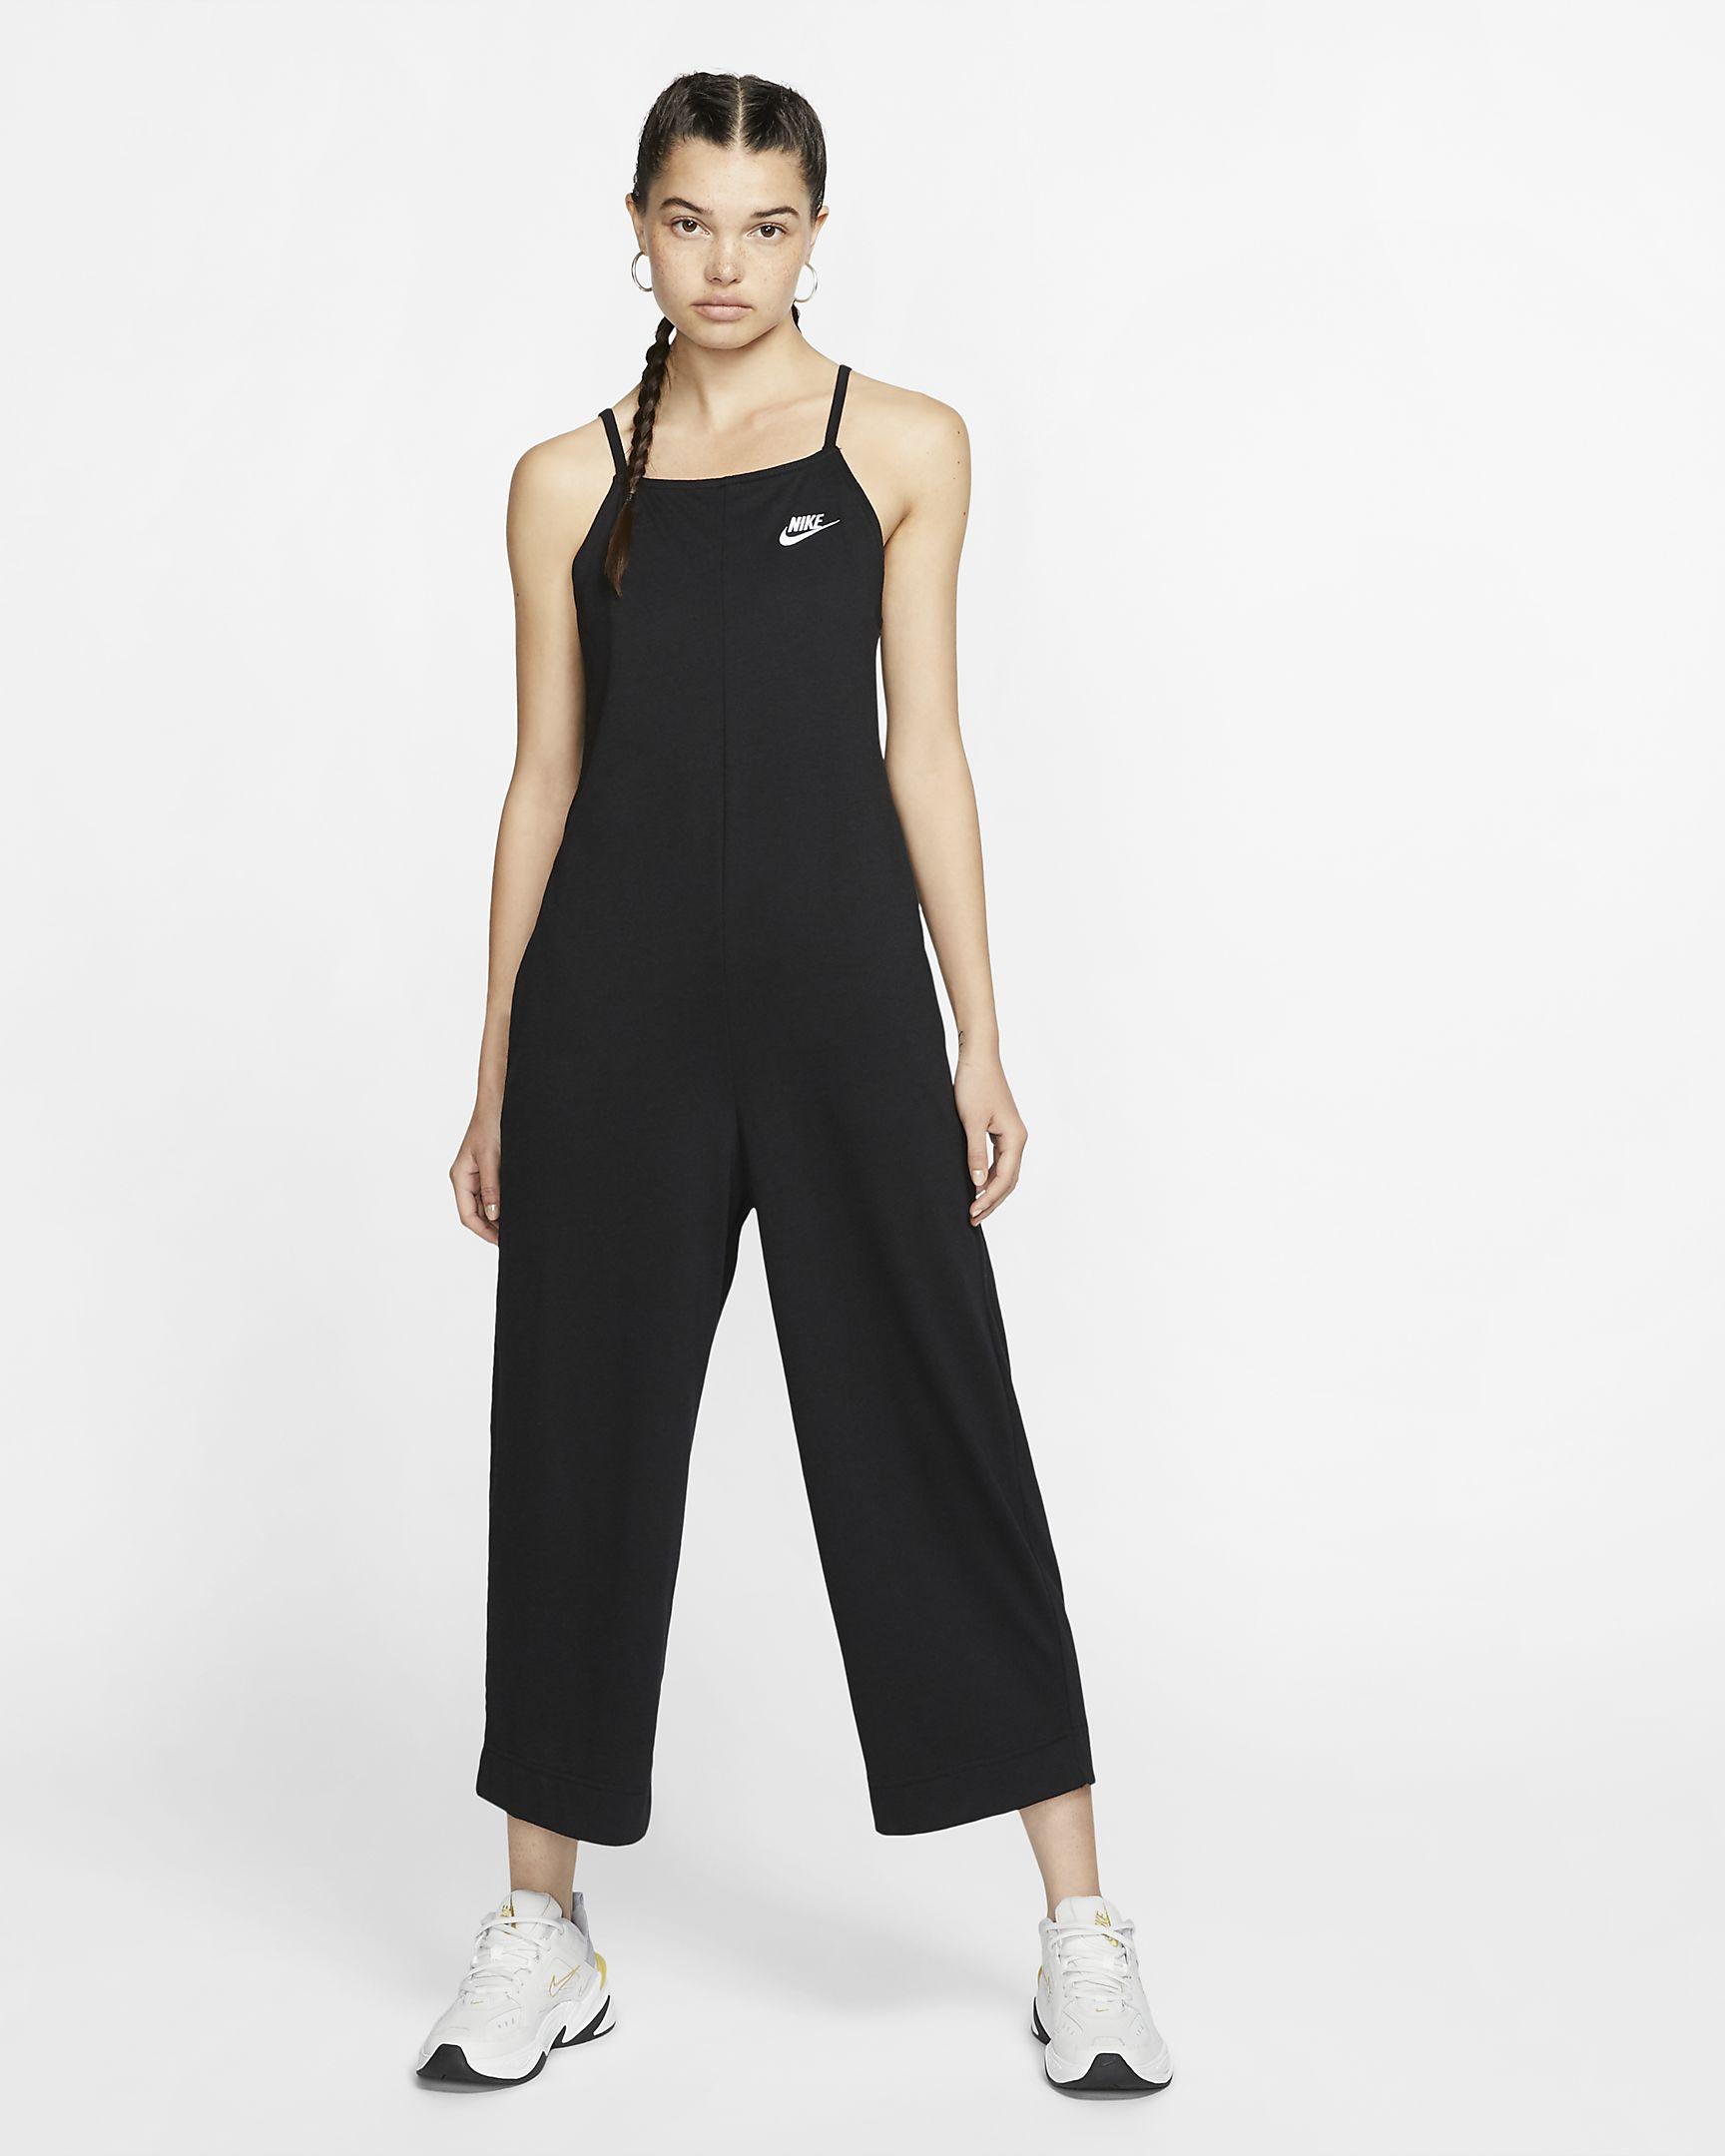 sportswear-womens-jersey-jumpsuit-z4QDX4-2.jpg